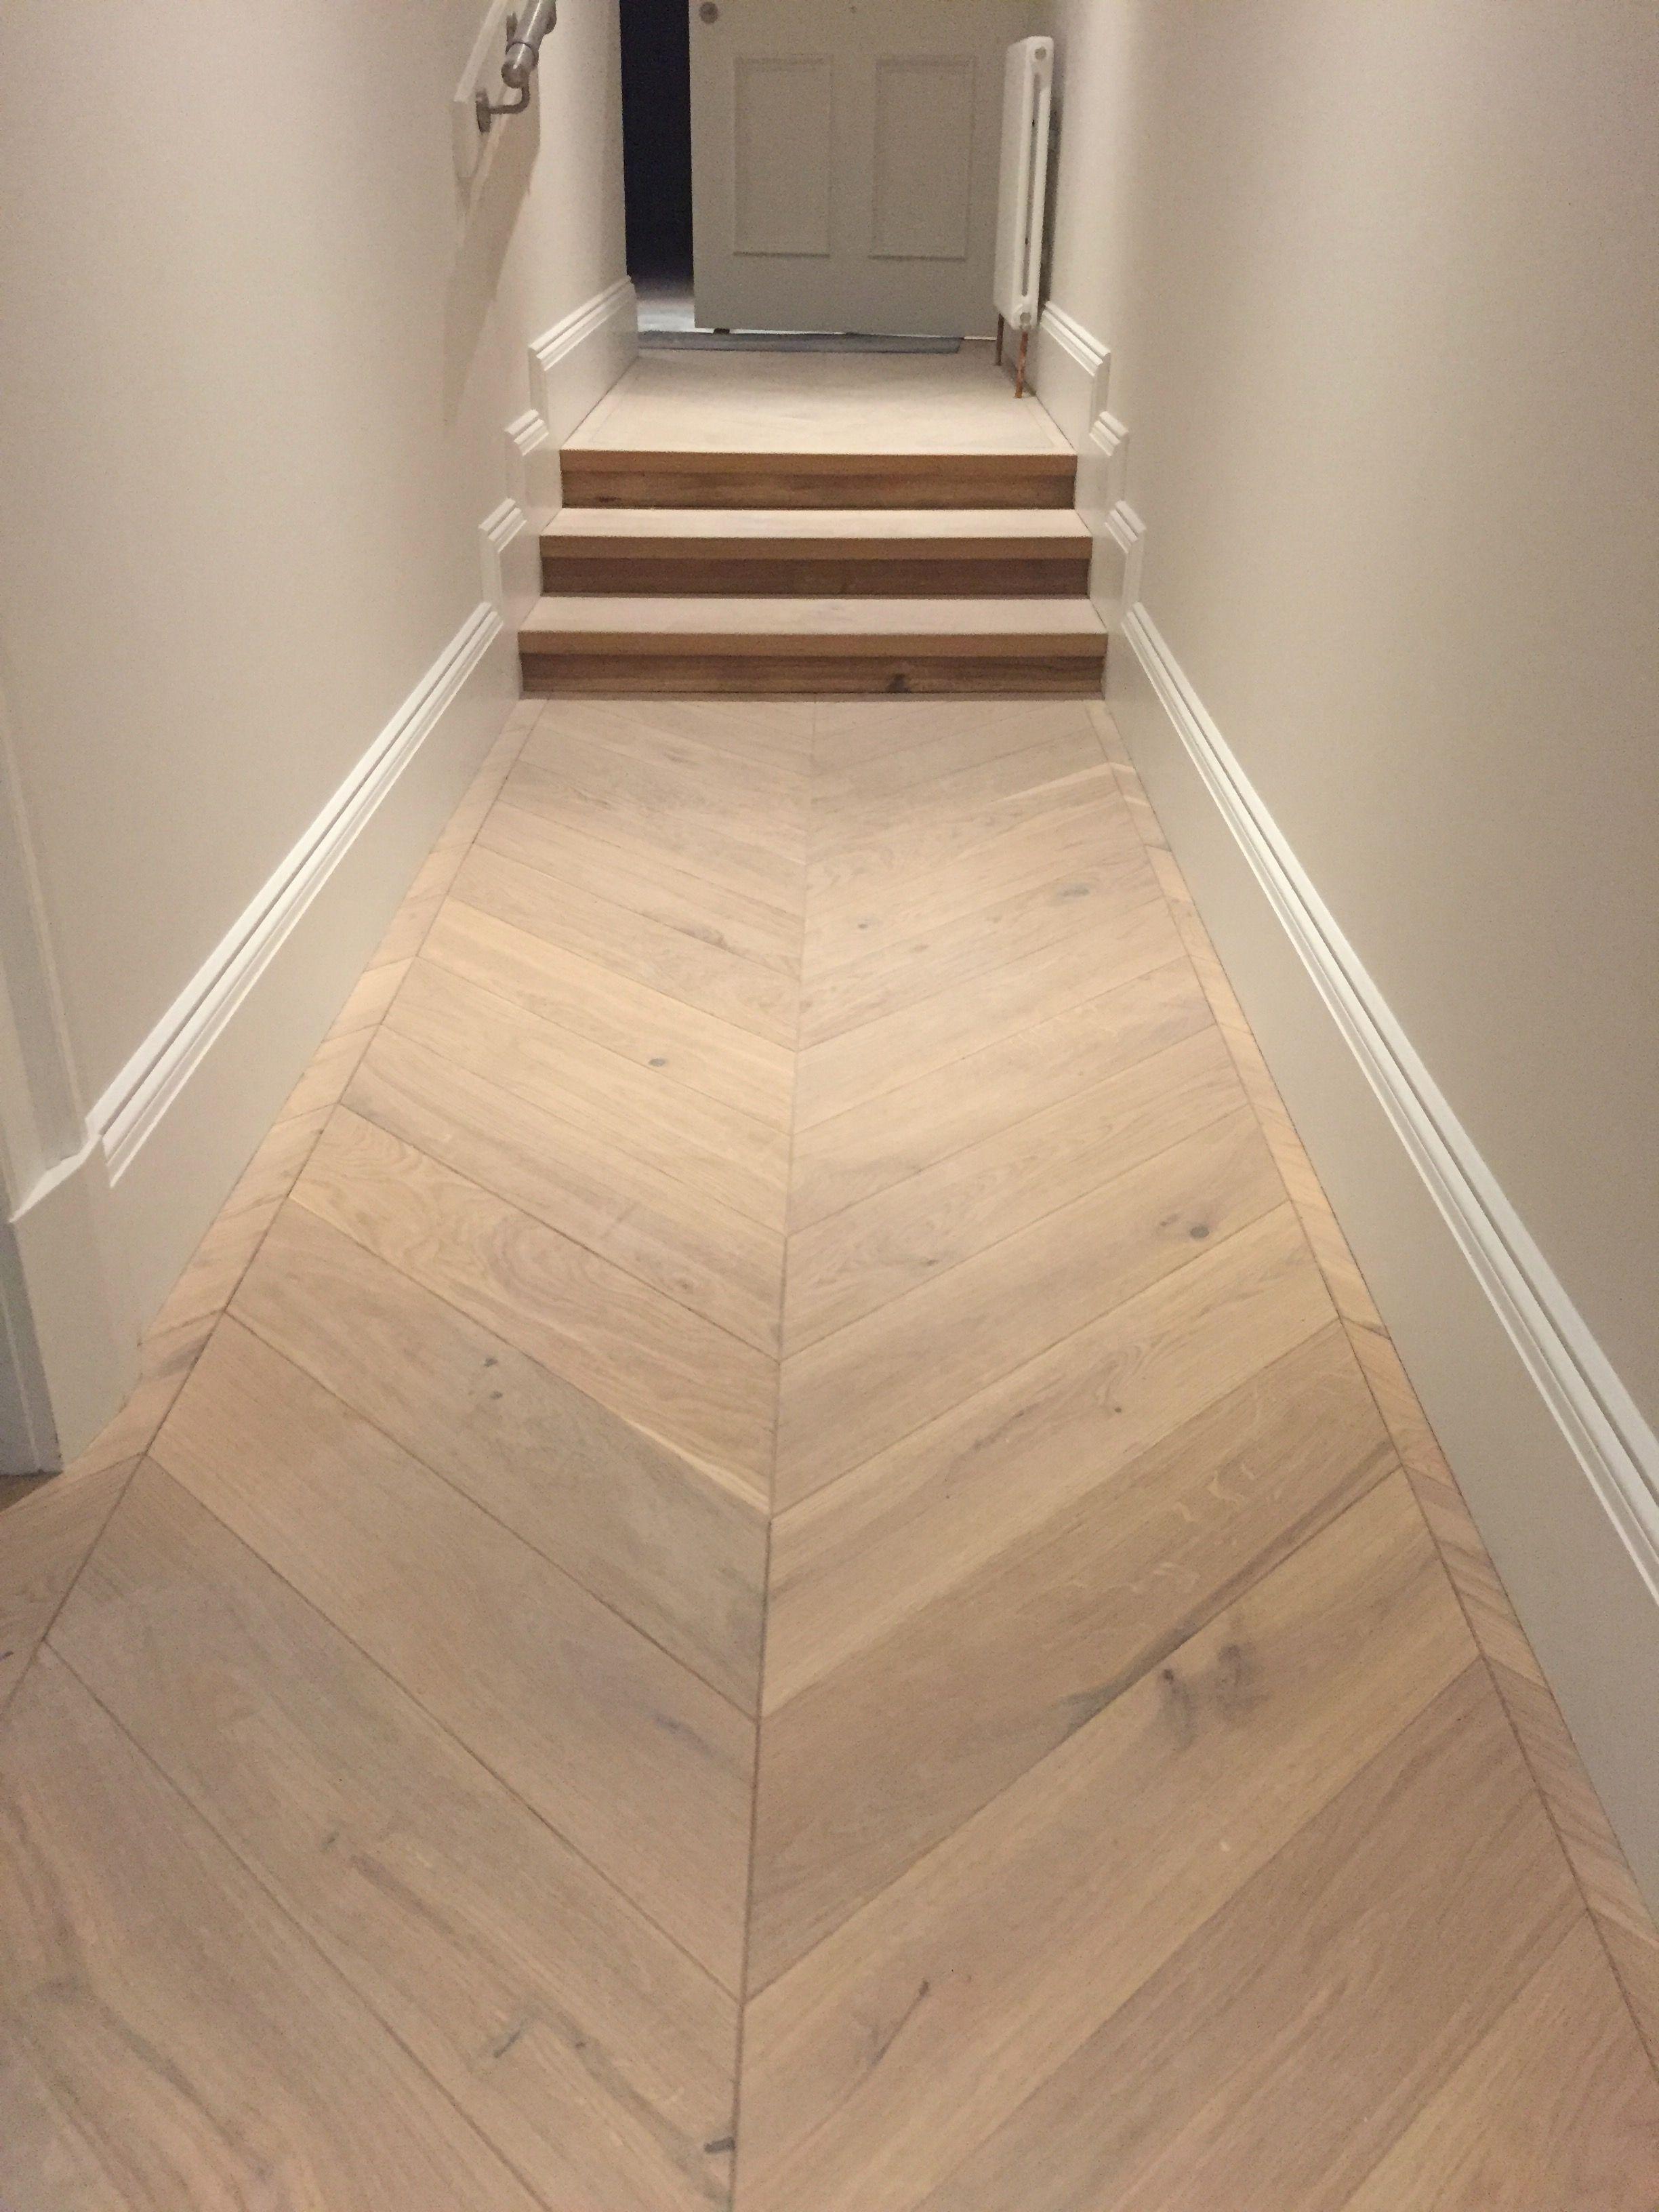 Pin By The Jazzy Files On Apartment 2020 In 2020 Engineered Wood Floors Herringbone Wood Floor Wood Floors Wide Plank